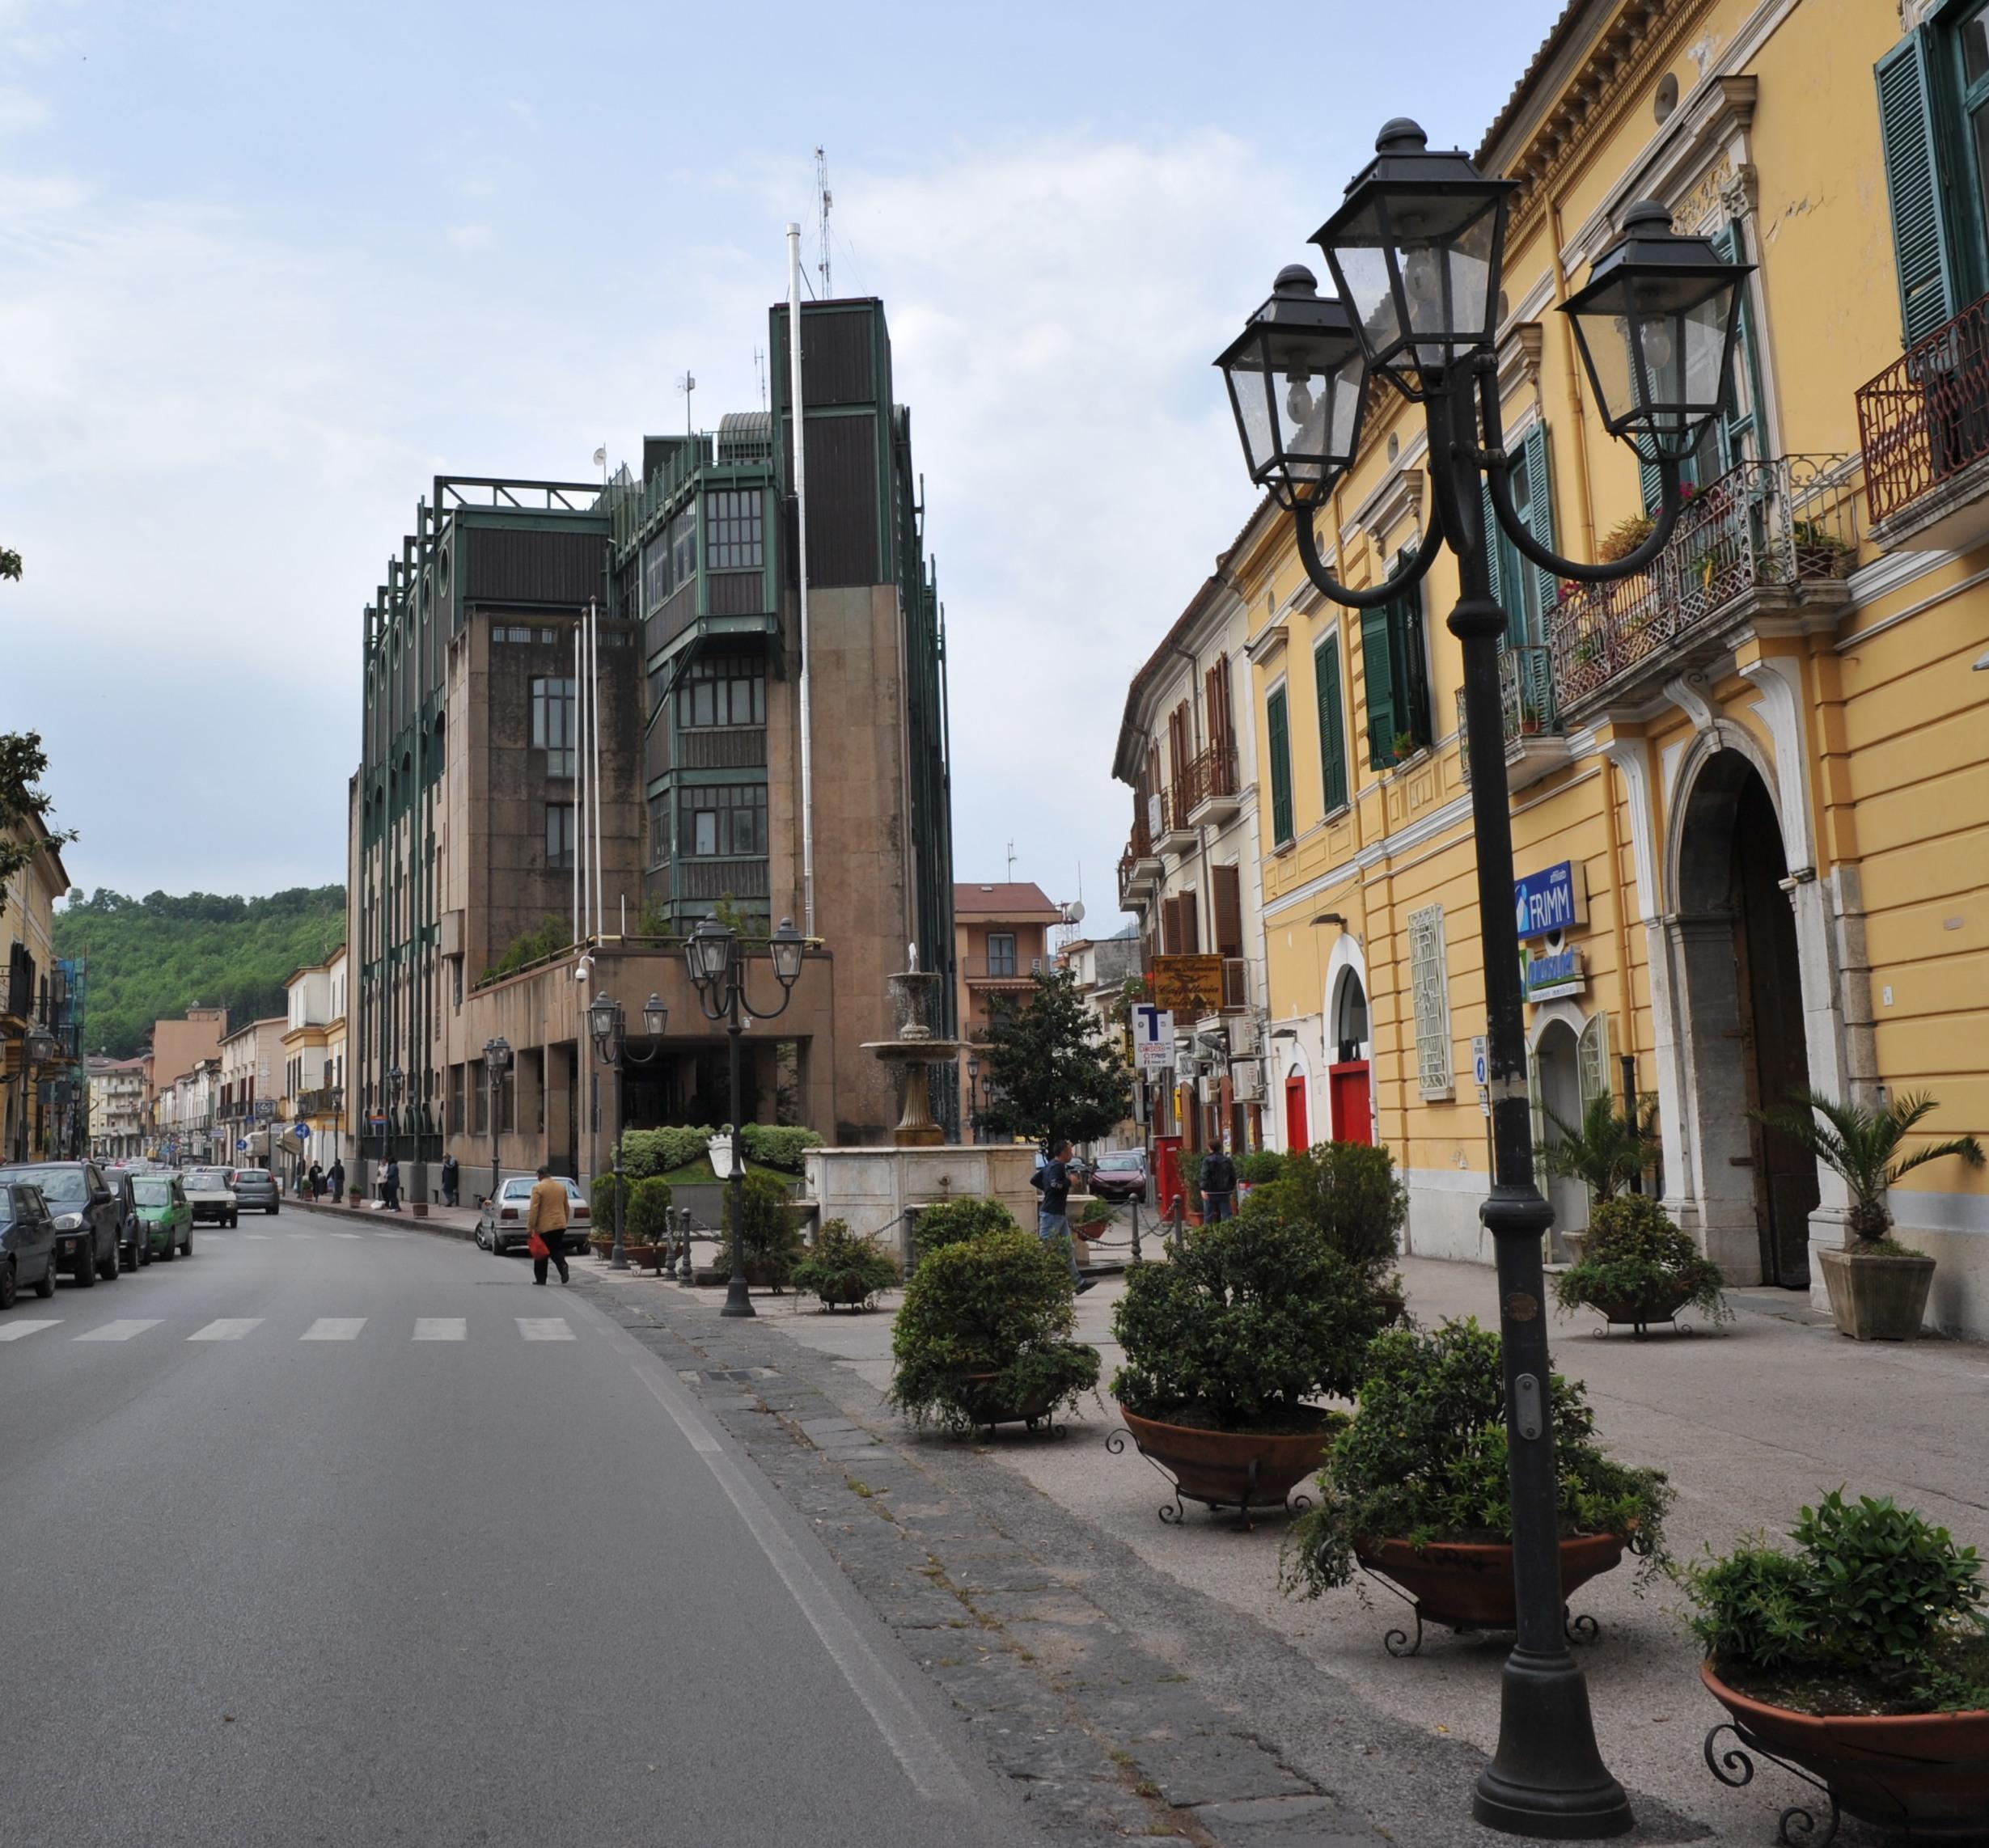 Salerno Letteratura: Baronissi, Il Natale Più Triste Con Il Dolore Nel Cuore